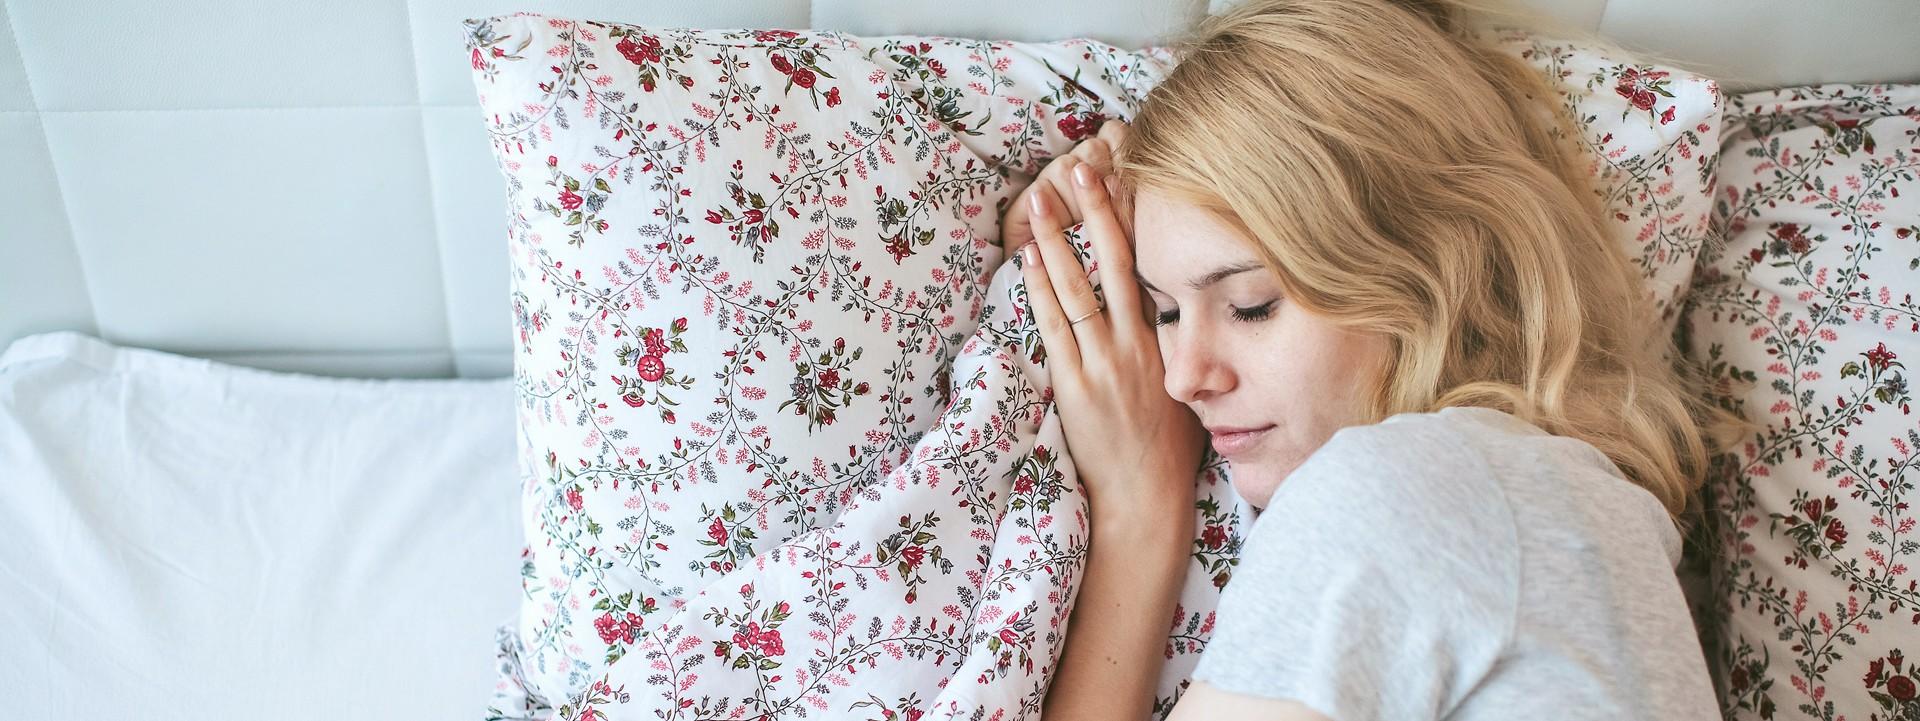 Eine blonde Frau liegt in einem weißen Bett und schläft.